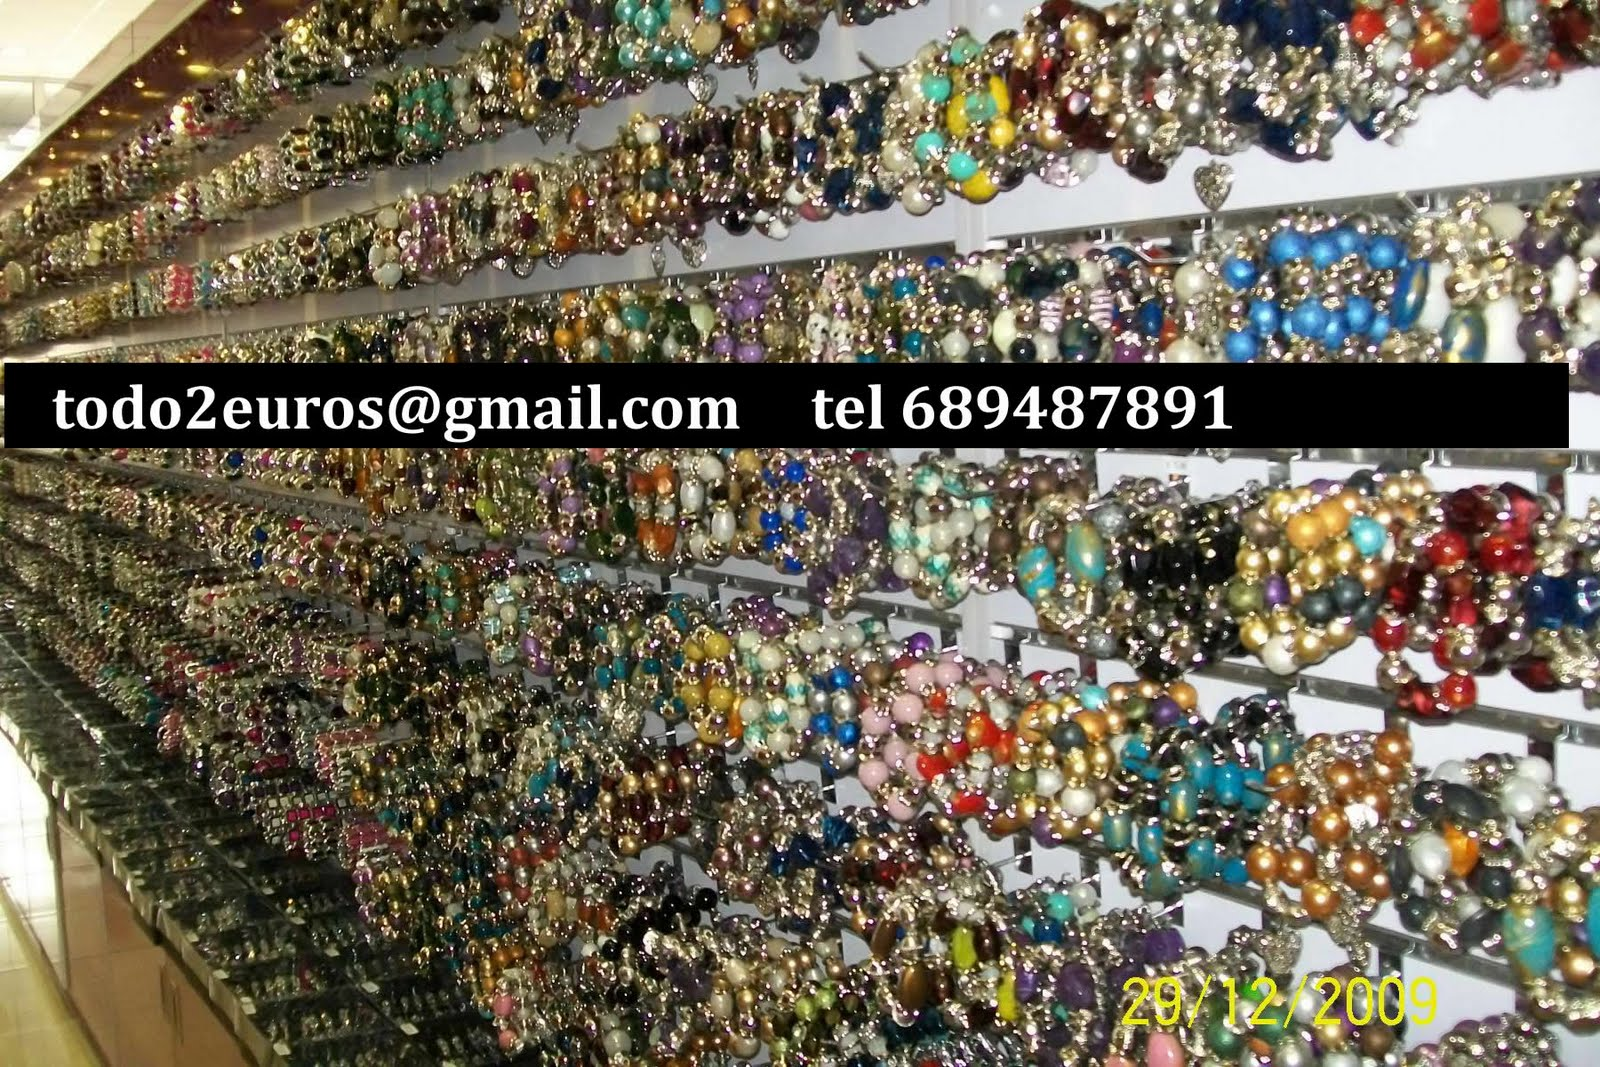 a28d91c362a9 Aquí encontrará una amplia variedad de pulseras y complementos de moda  bisuteria y complementos- abalorios y complementos de moda todo a 2 euros  con un alto ...